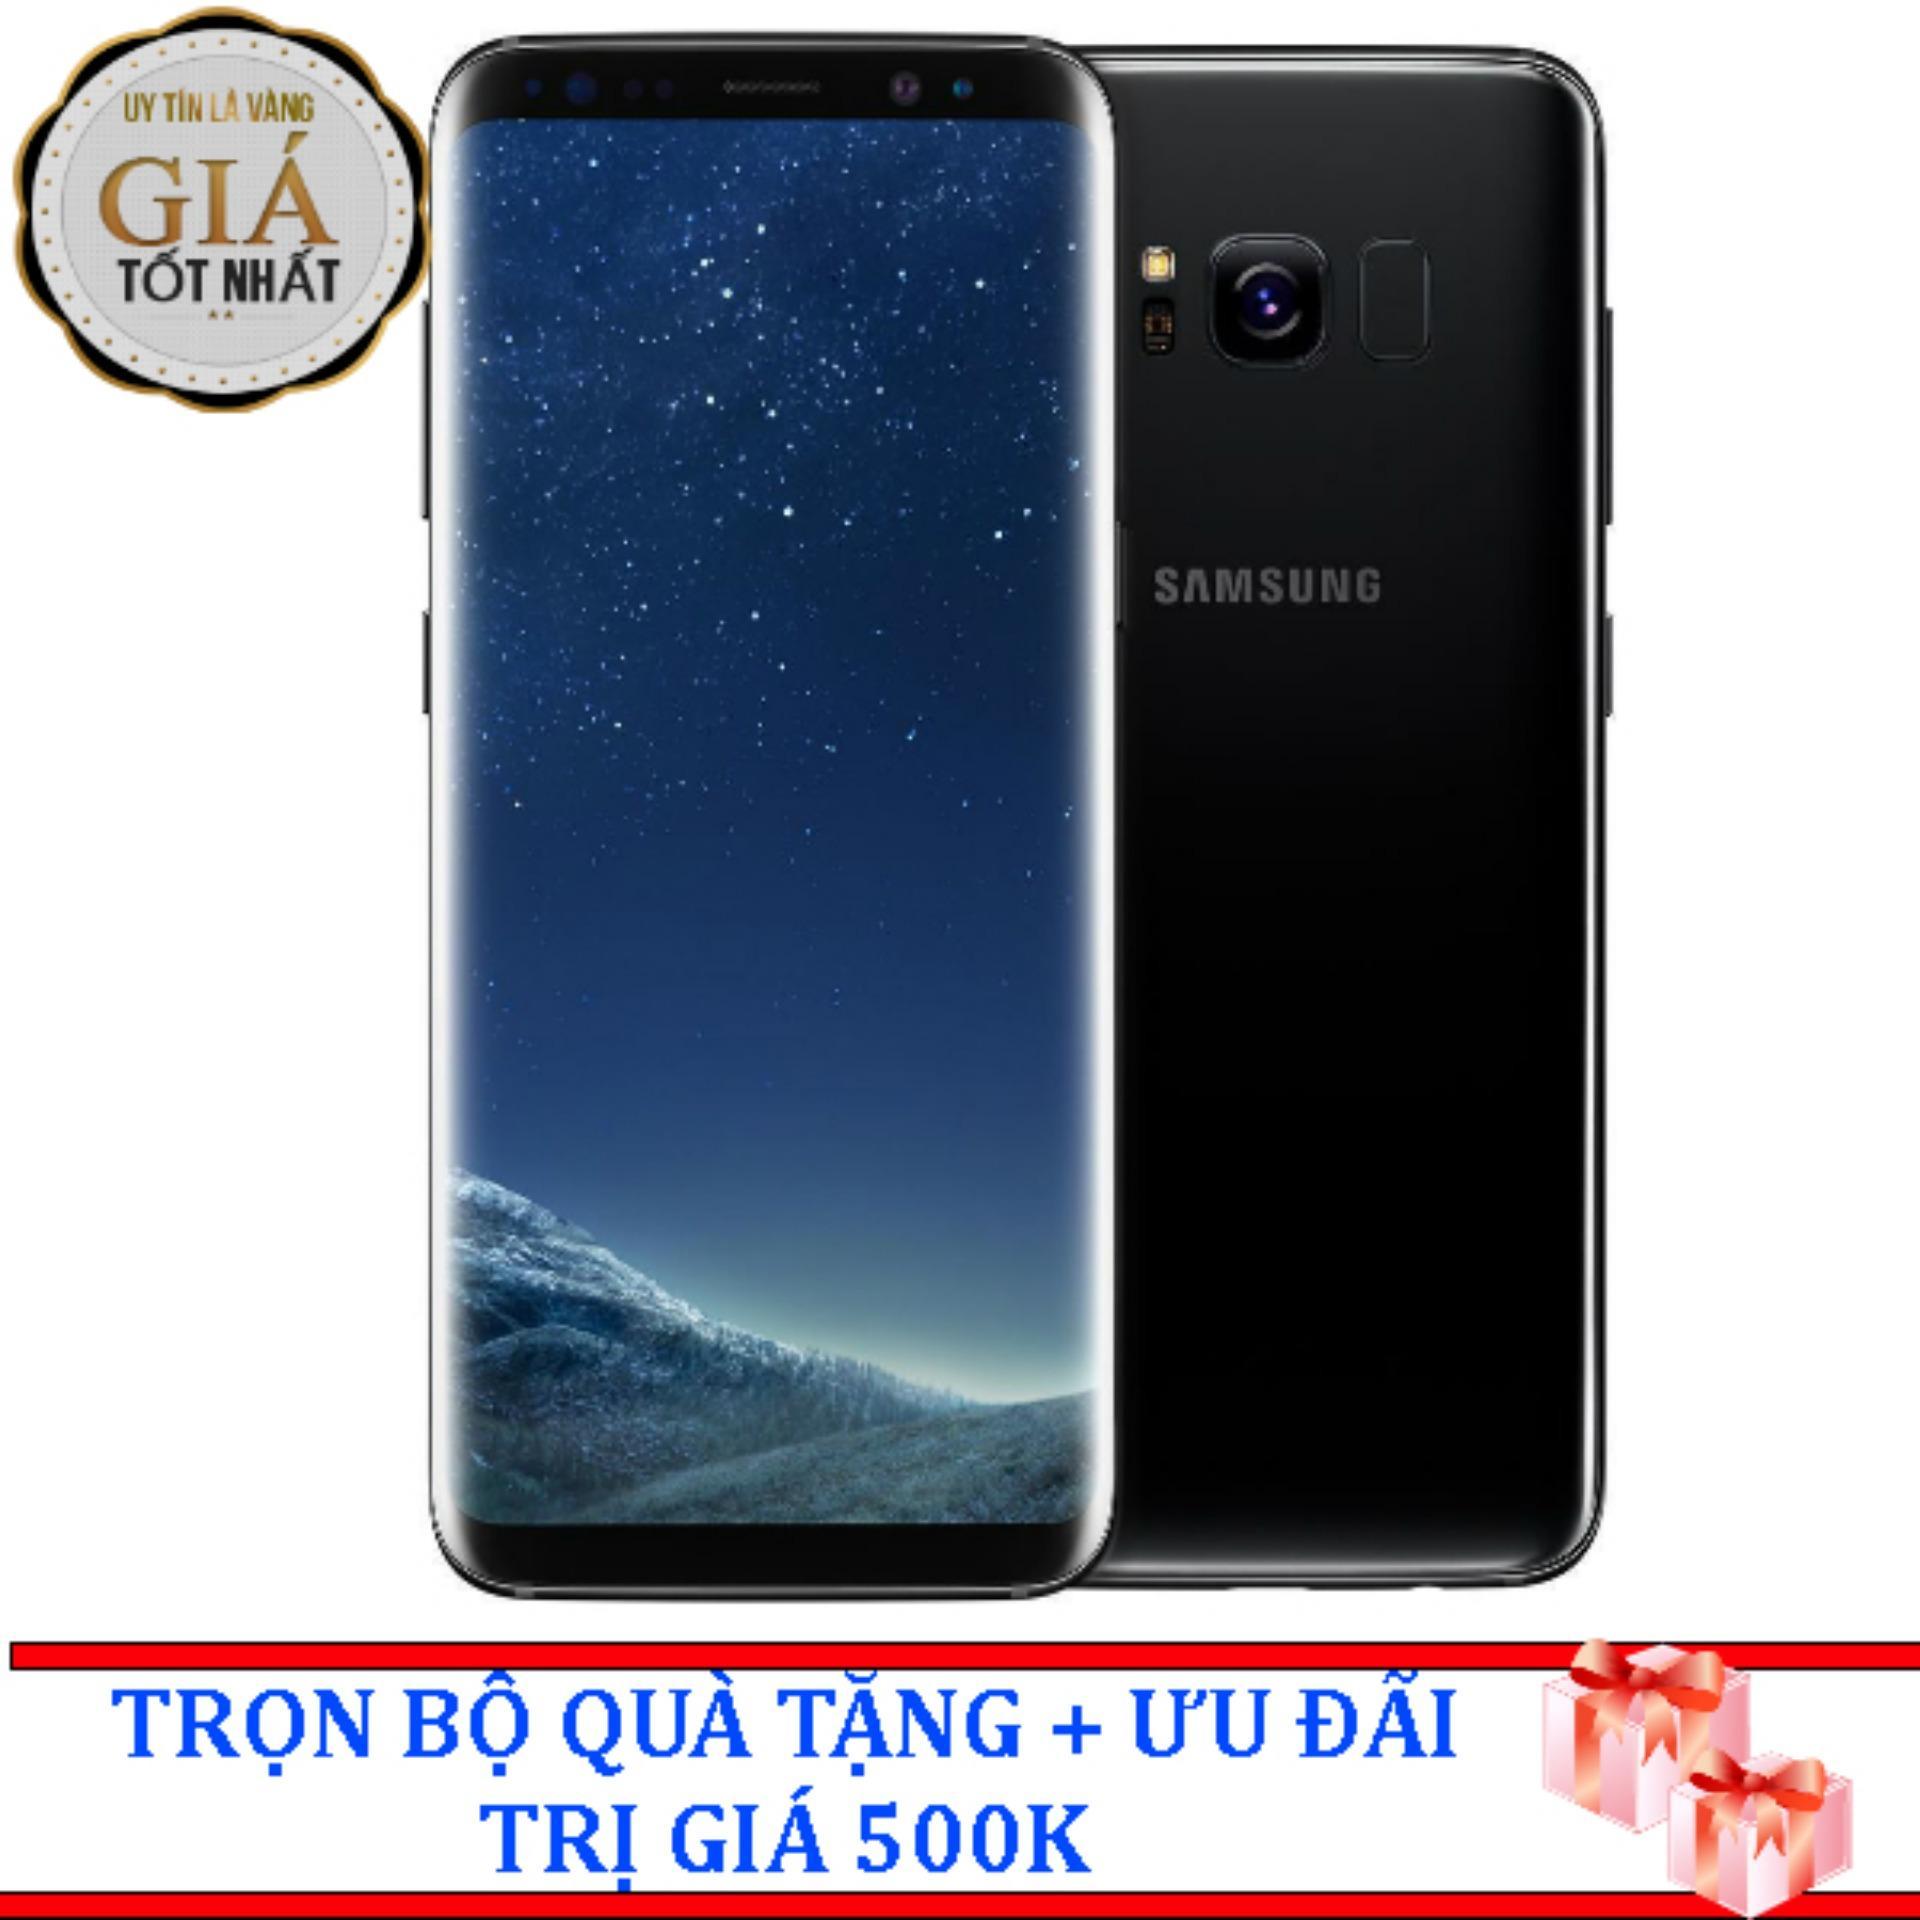 Giá Bán Samsung Galaxy S8 64G Ram 4Gb 5 8Inch Đen Huyền Bi Hang Nhập Khẩu Đen 64Gb Rẻ Nhất